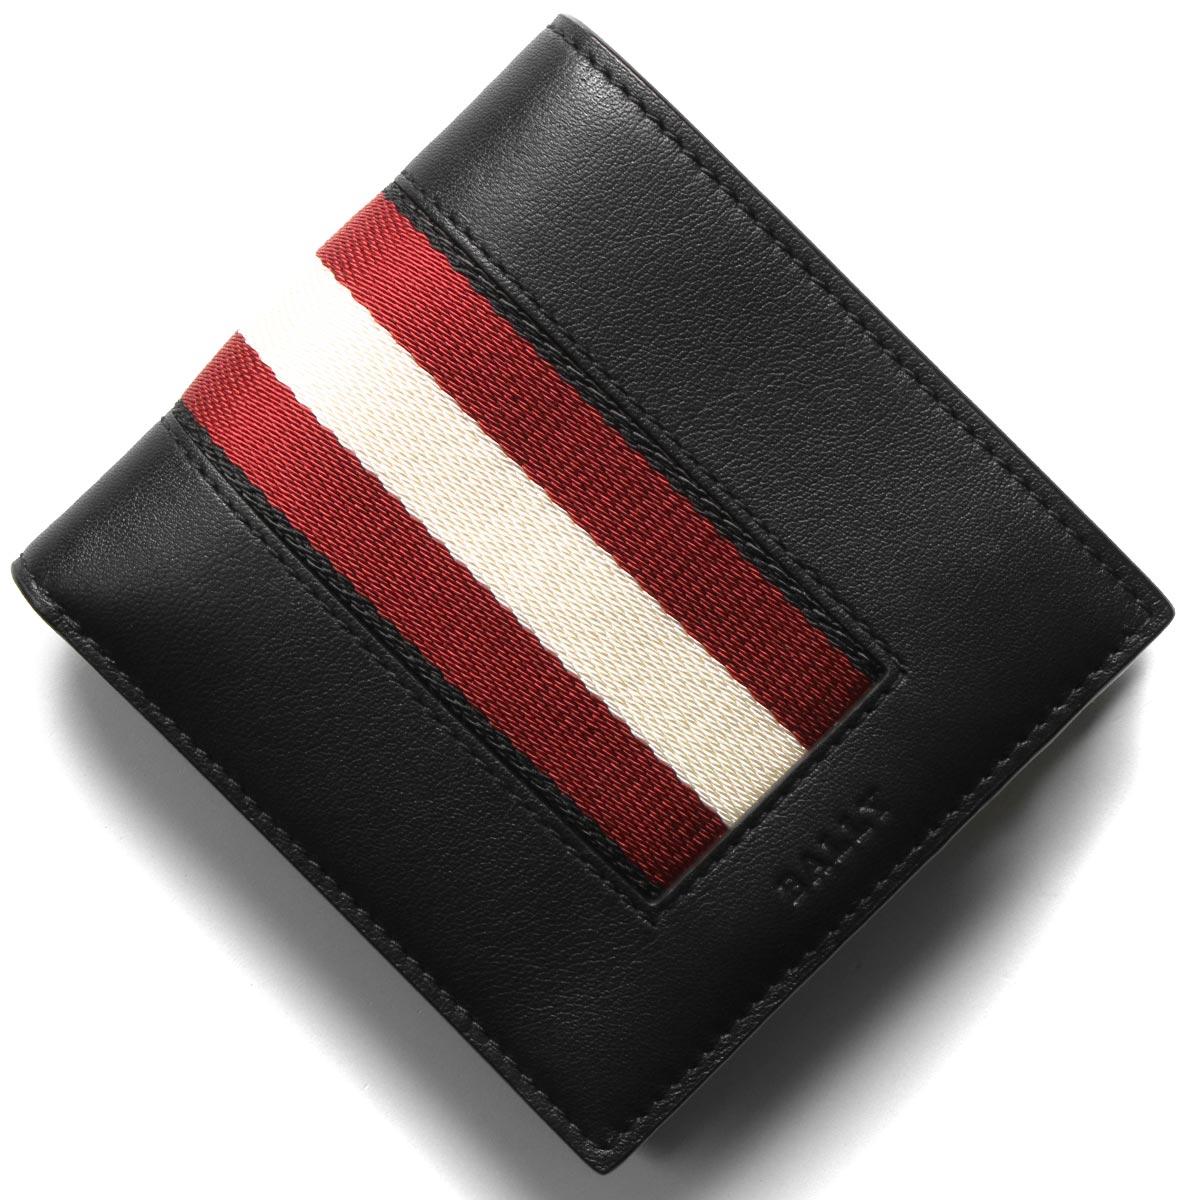 バリー 二つ折り財布 財布 メンズ ベイセル ブラック BEISEL HP 100 6231972 BALLY